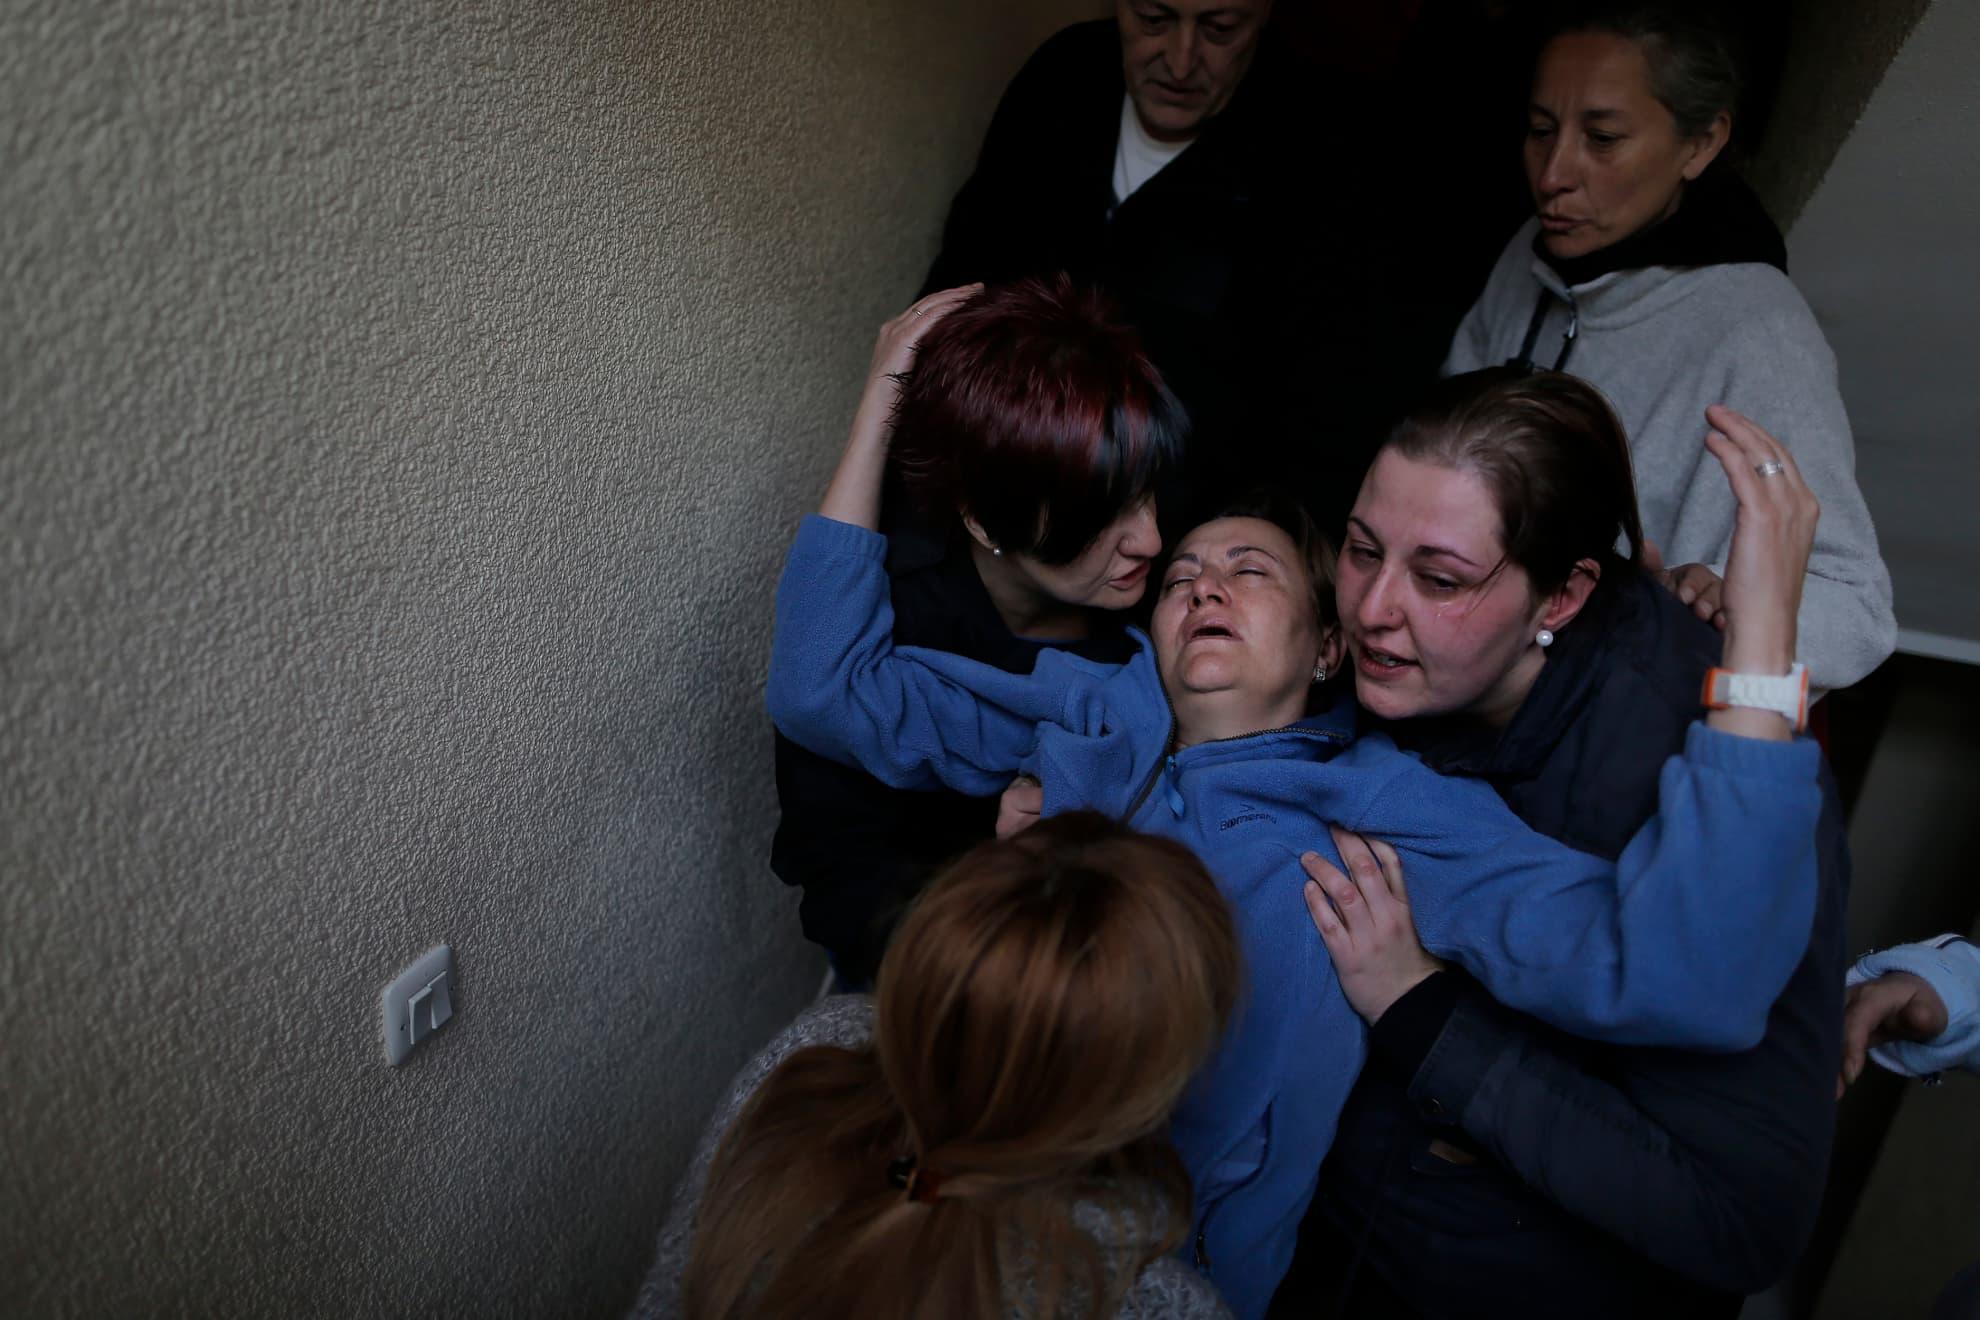 Soledad Carrasquilla Delgado, de 53 años, desempleada -en el centro de la imagen- recibe ayuda de su hija -a su derecha- y de su hermana, a su izquierda; su marido -en la parte superior izquierda- y dos miembros de la Plataforma de Afectados por la Hipoteca (PAH) -en la parte superior derecha e inferior de la foto- al desmayarse por un ataque de pánico después del aplazamiento de su desahucio y el de su familia en Madrid, el miércoles 30 de octubre de 2013.